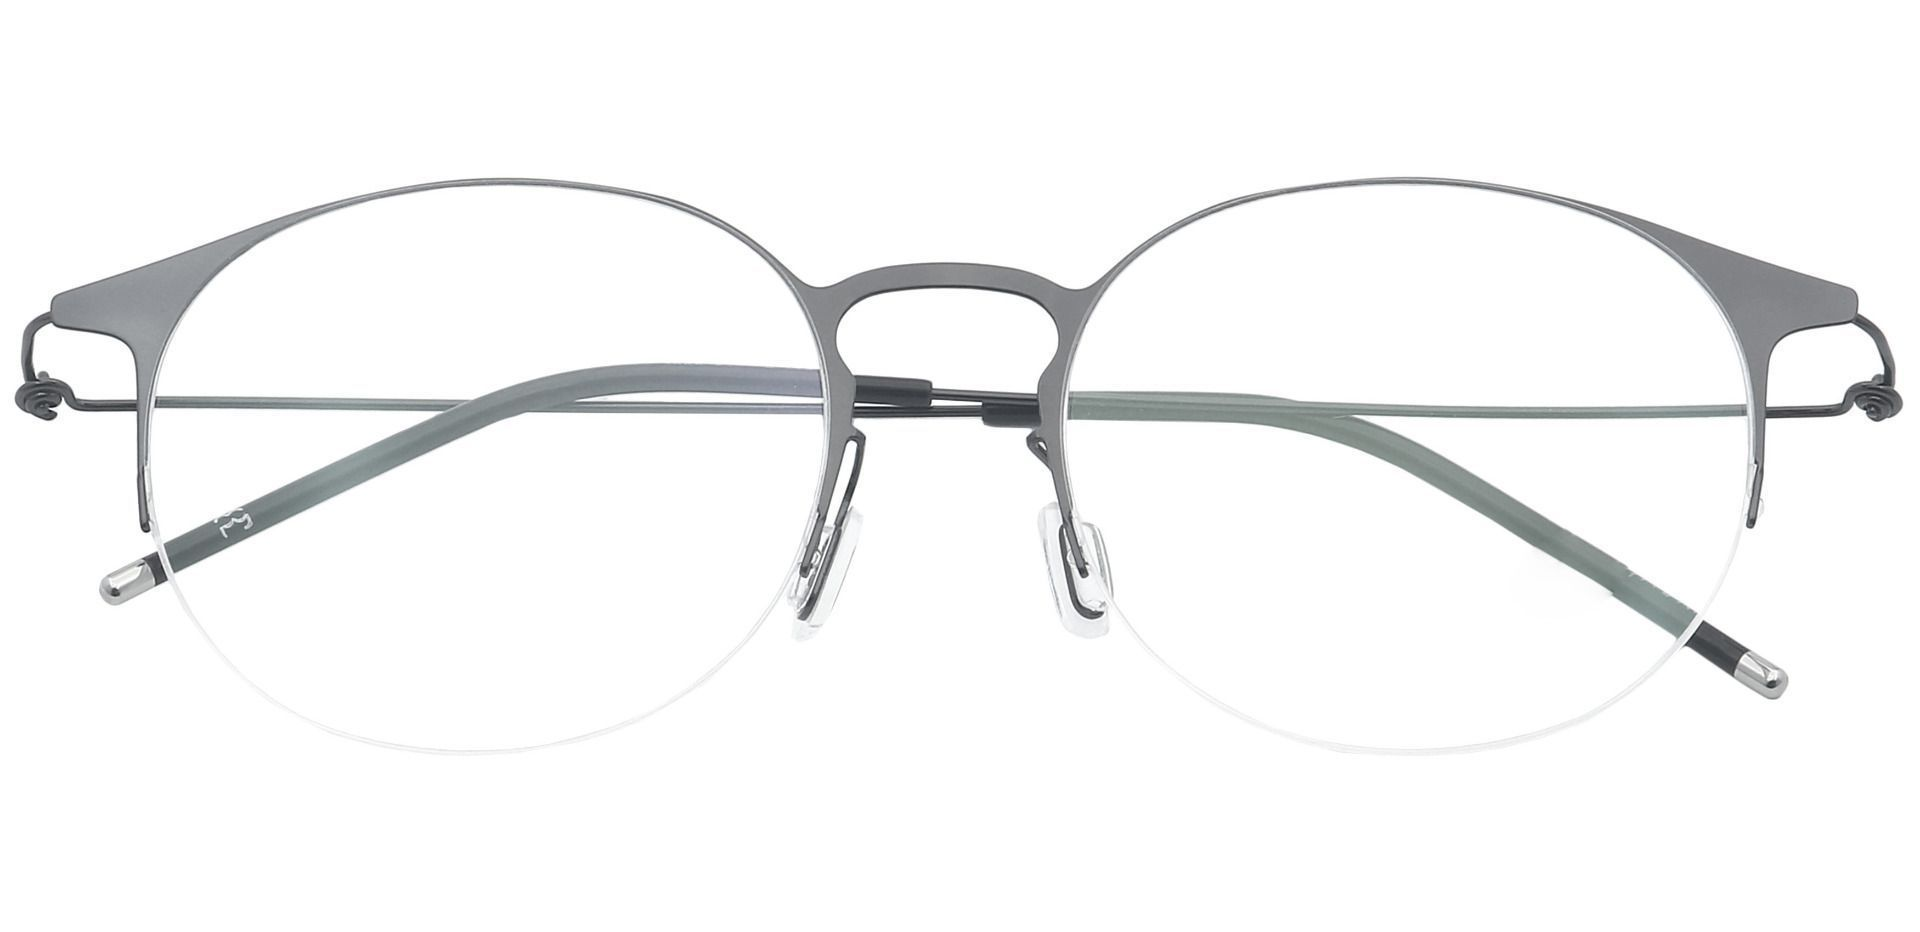 Howie Round Prescription Glasses - Black